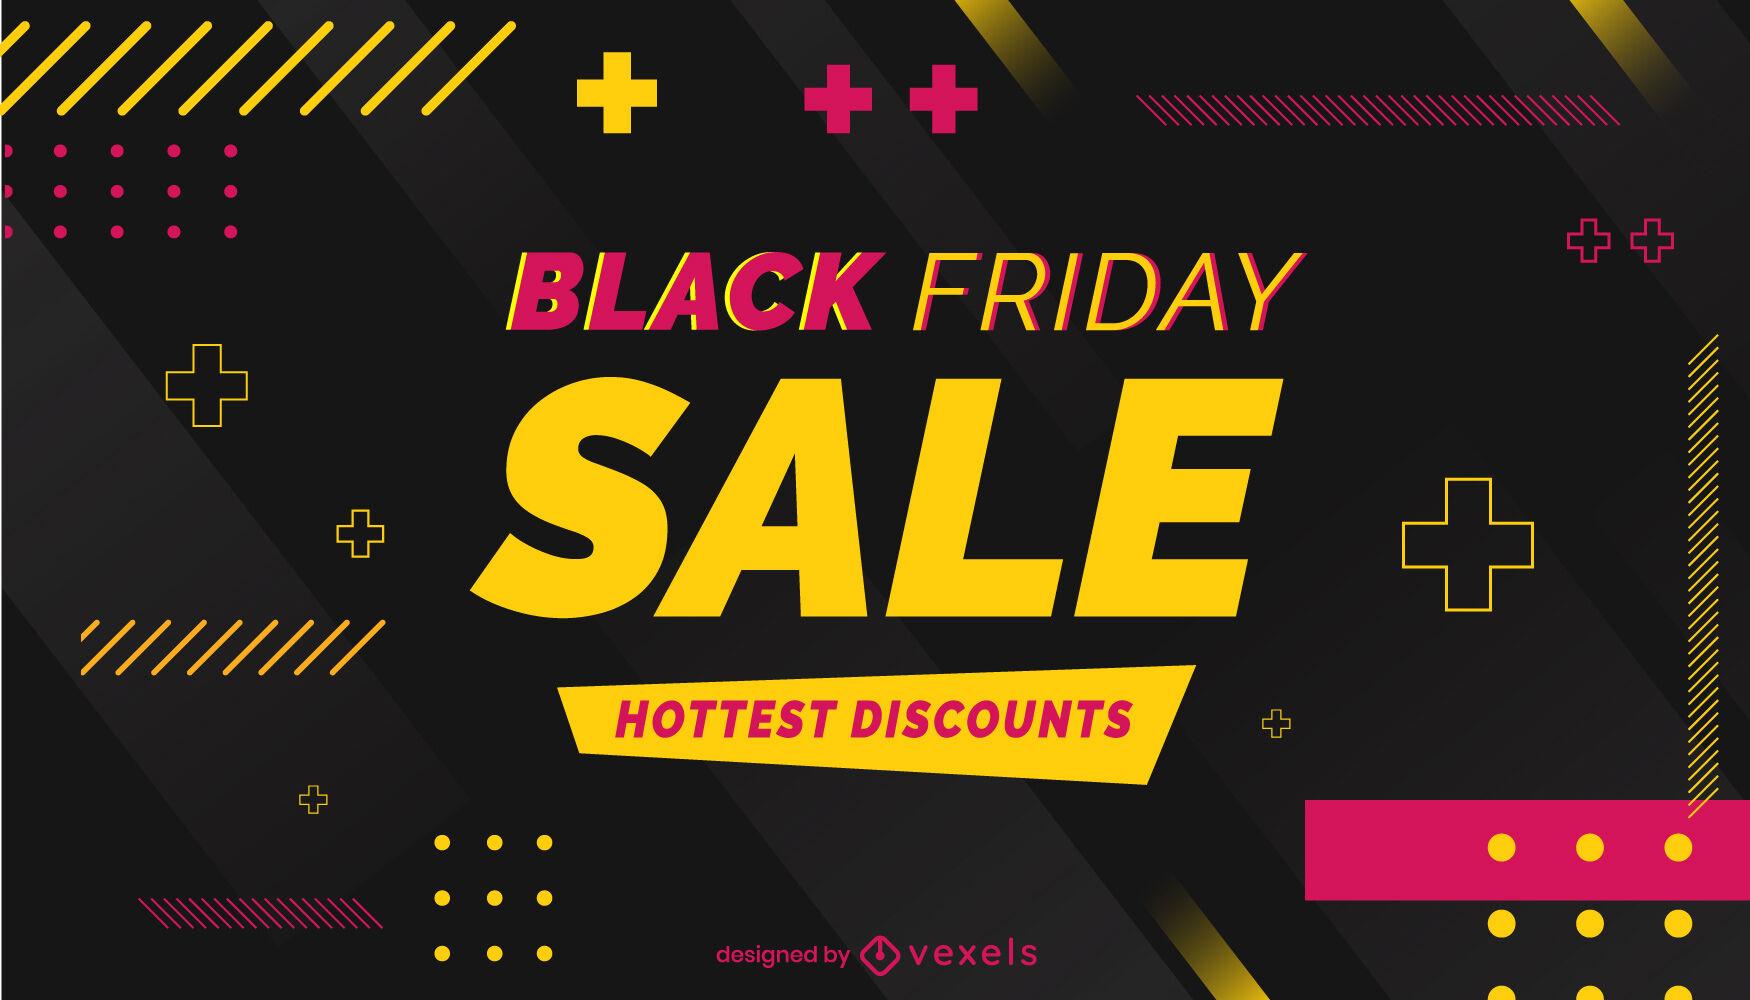 Black friday sale promotion slider design